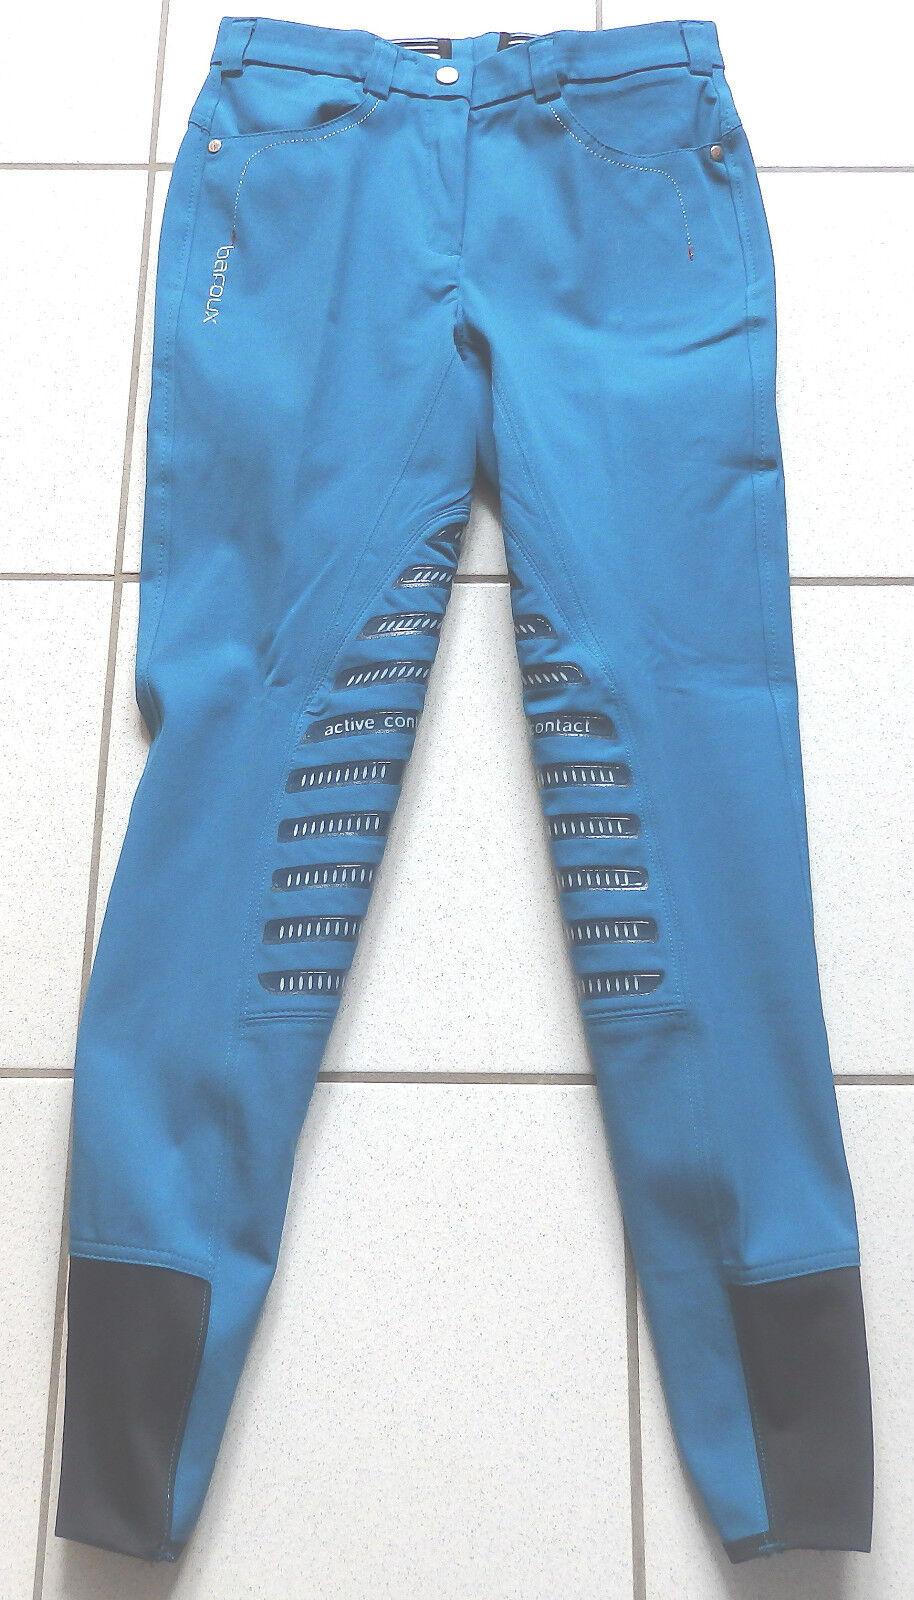 Baroux Oliva Damen Reithose, Gripkniebesatz, blau, Gr.80, schmaler Bund  (4447)